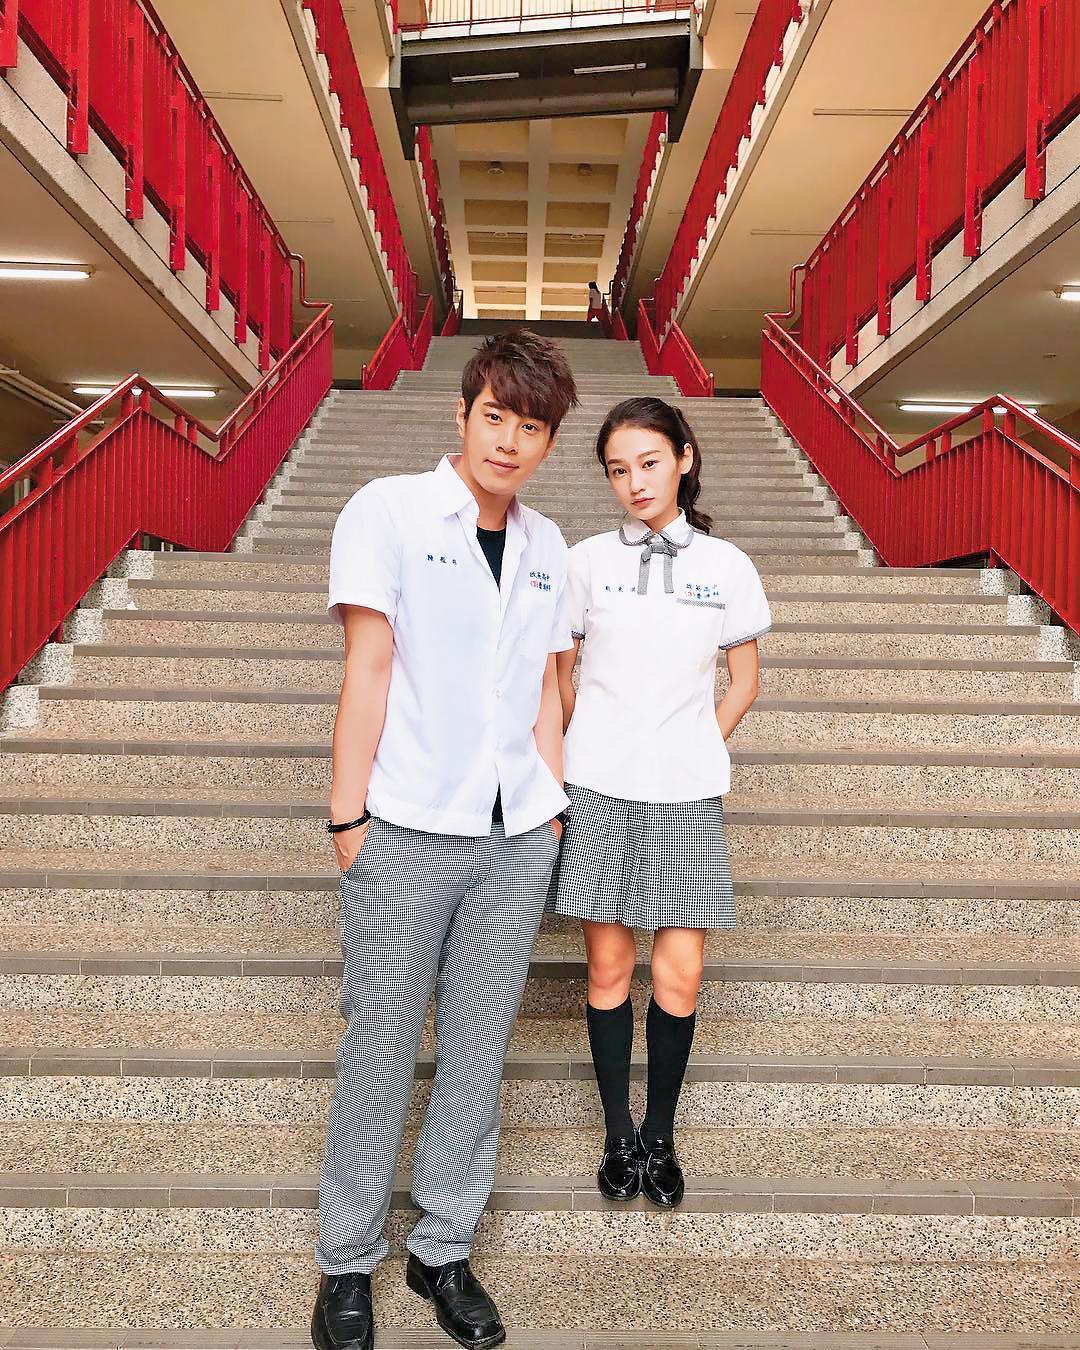 王顗婷(右)在《我的老師叫小賀》中飾演戴米淇,角色個性轉折頗大。左為同劇演員吳東諺。(翻攝自吳東諺IG)